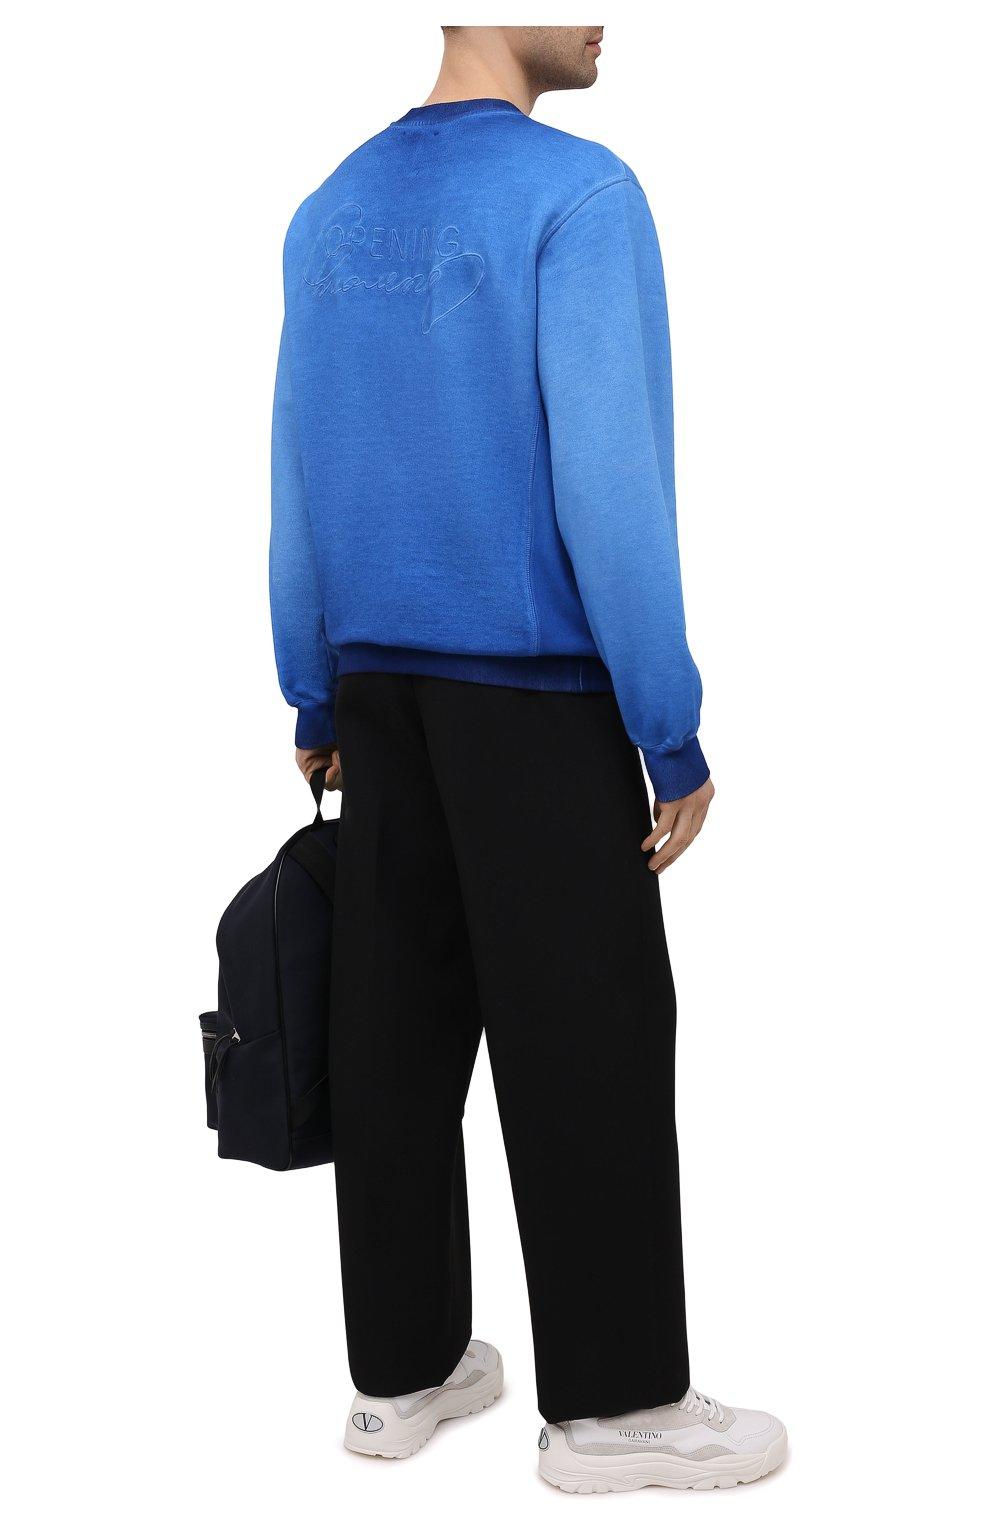 Мужской хлопковый свитшот OPENING CEREMONY синего цвета, арт. YMBA003S21FLE002   Фото 2 (Рукава: Длинные; Принт: Без принта; Длина (для топов): Стандартные; Мужское Кросс-КТ: свитшот-одежда; Материал внешний: Хлопок; Стили: Спорт-шик)